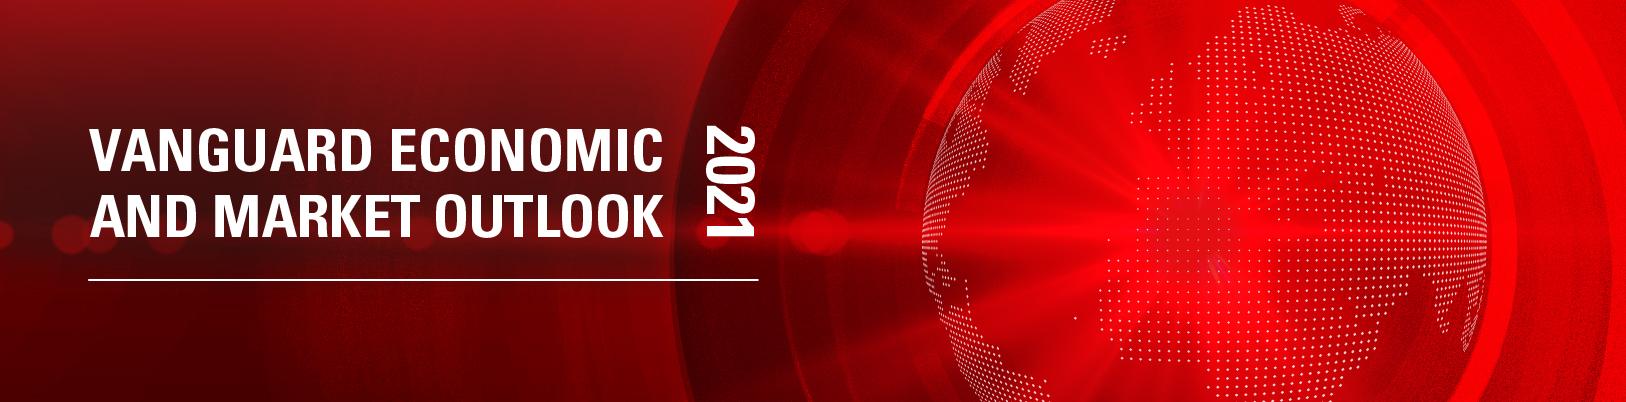 Vanguard outlook 2021